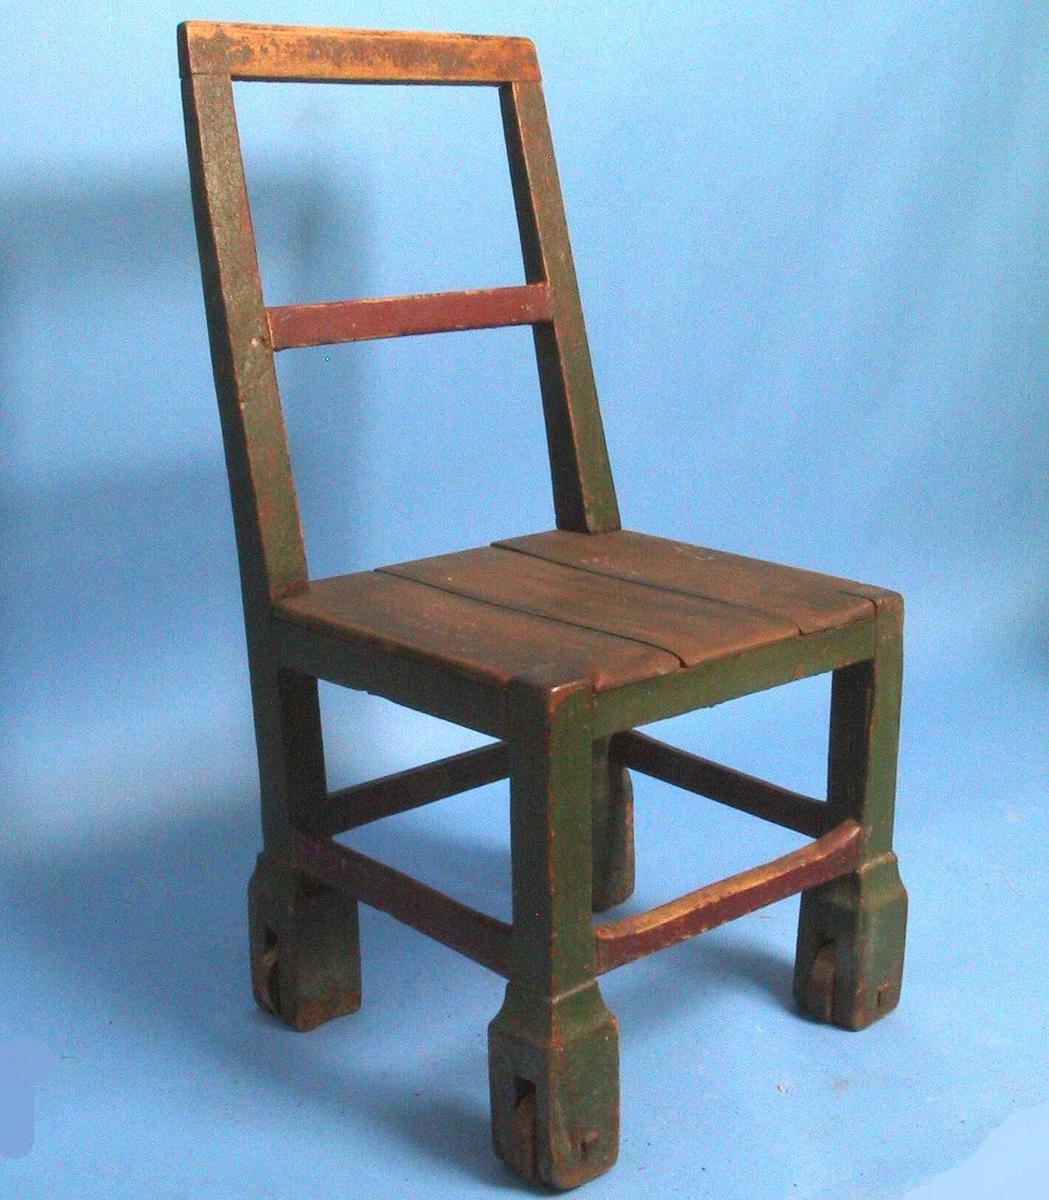 Rullestol av eik, malt mørk grønn og dyp rød. Ryggen har rektangulær ramme med en  midtsprosse. Dekorløs. Rette ben med utvidet nedre del, hvor dei er satt inn trehjul med trenagler. Stolen kan bare skyves sidelengs.  Malingen meget avslitt, bl. a. helt  i toppstykket. Sete mangler.